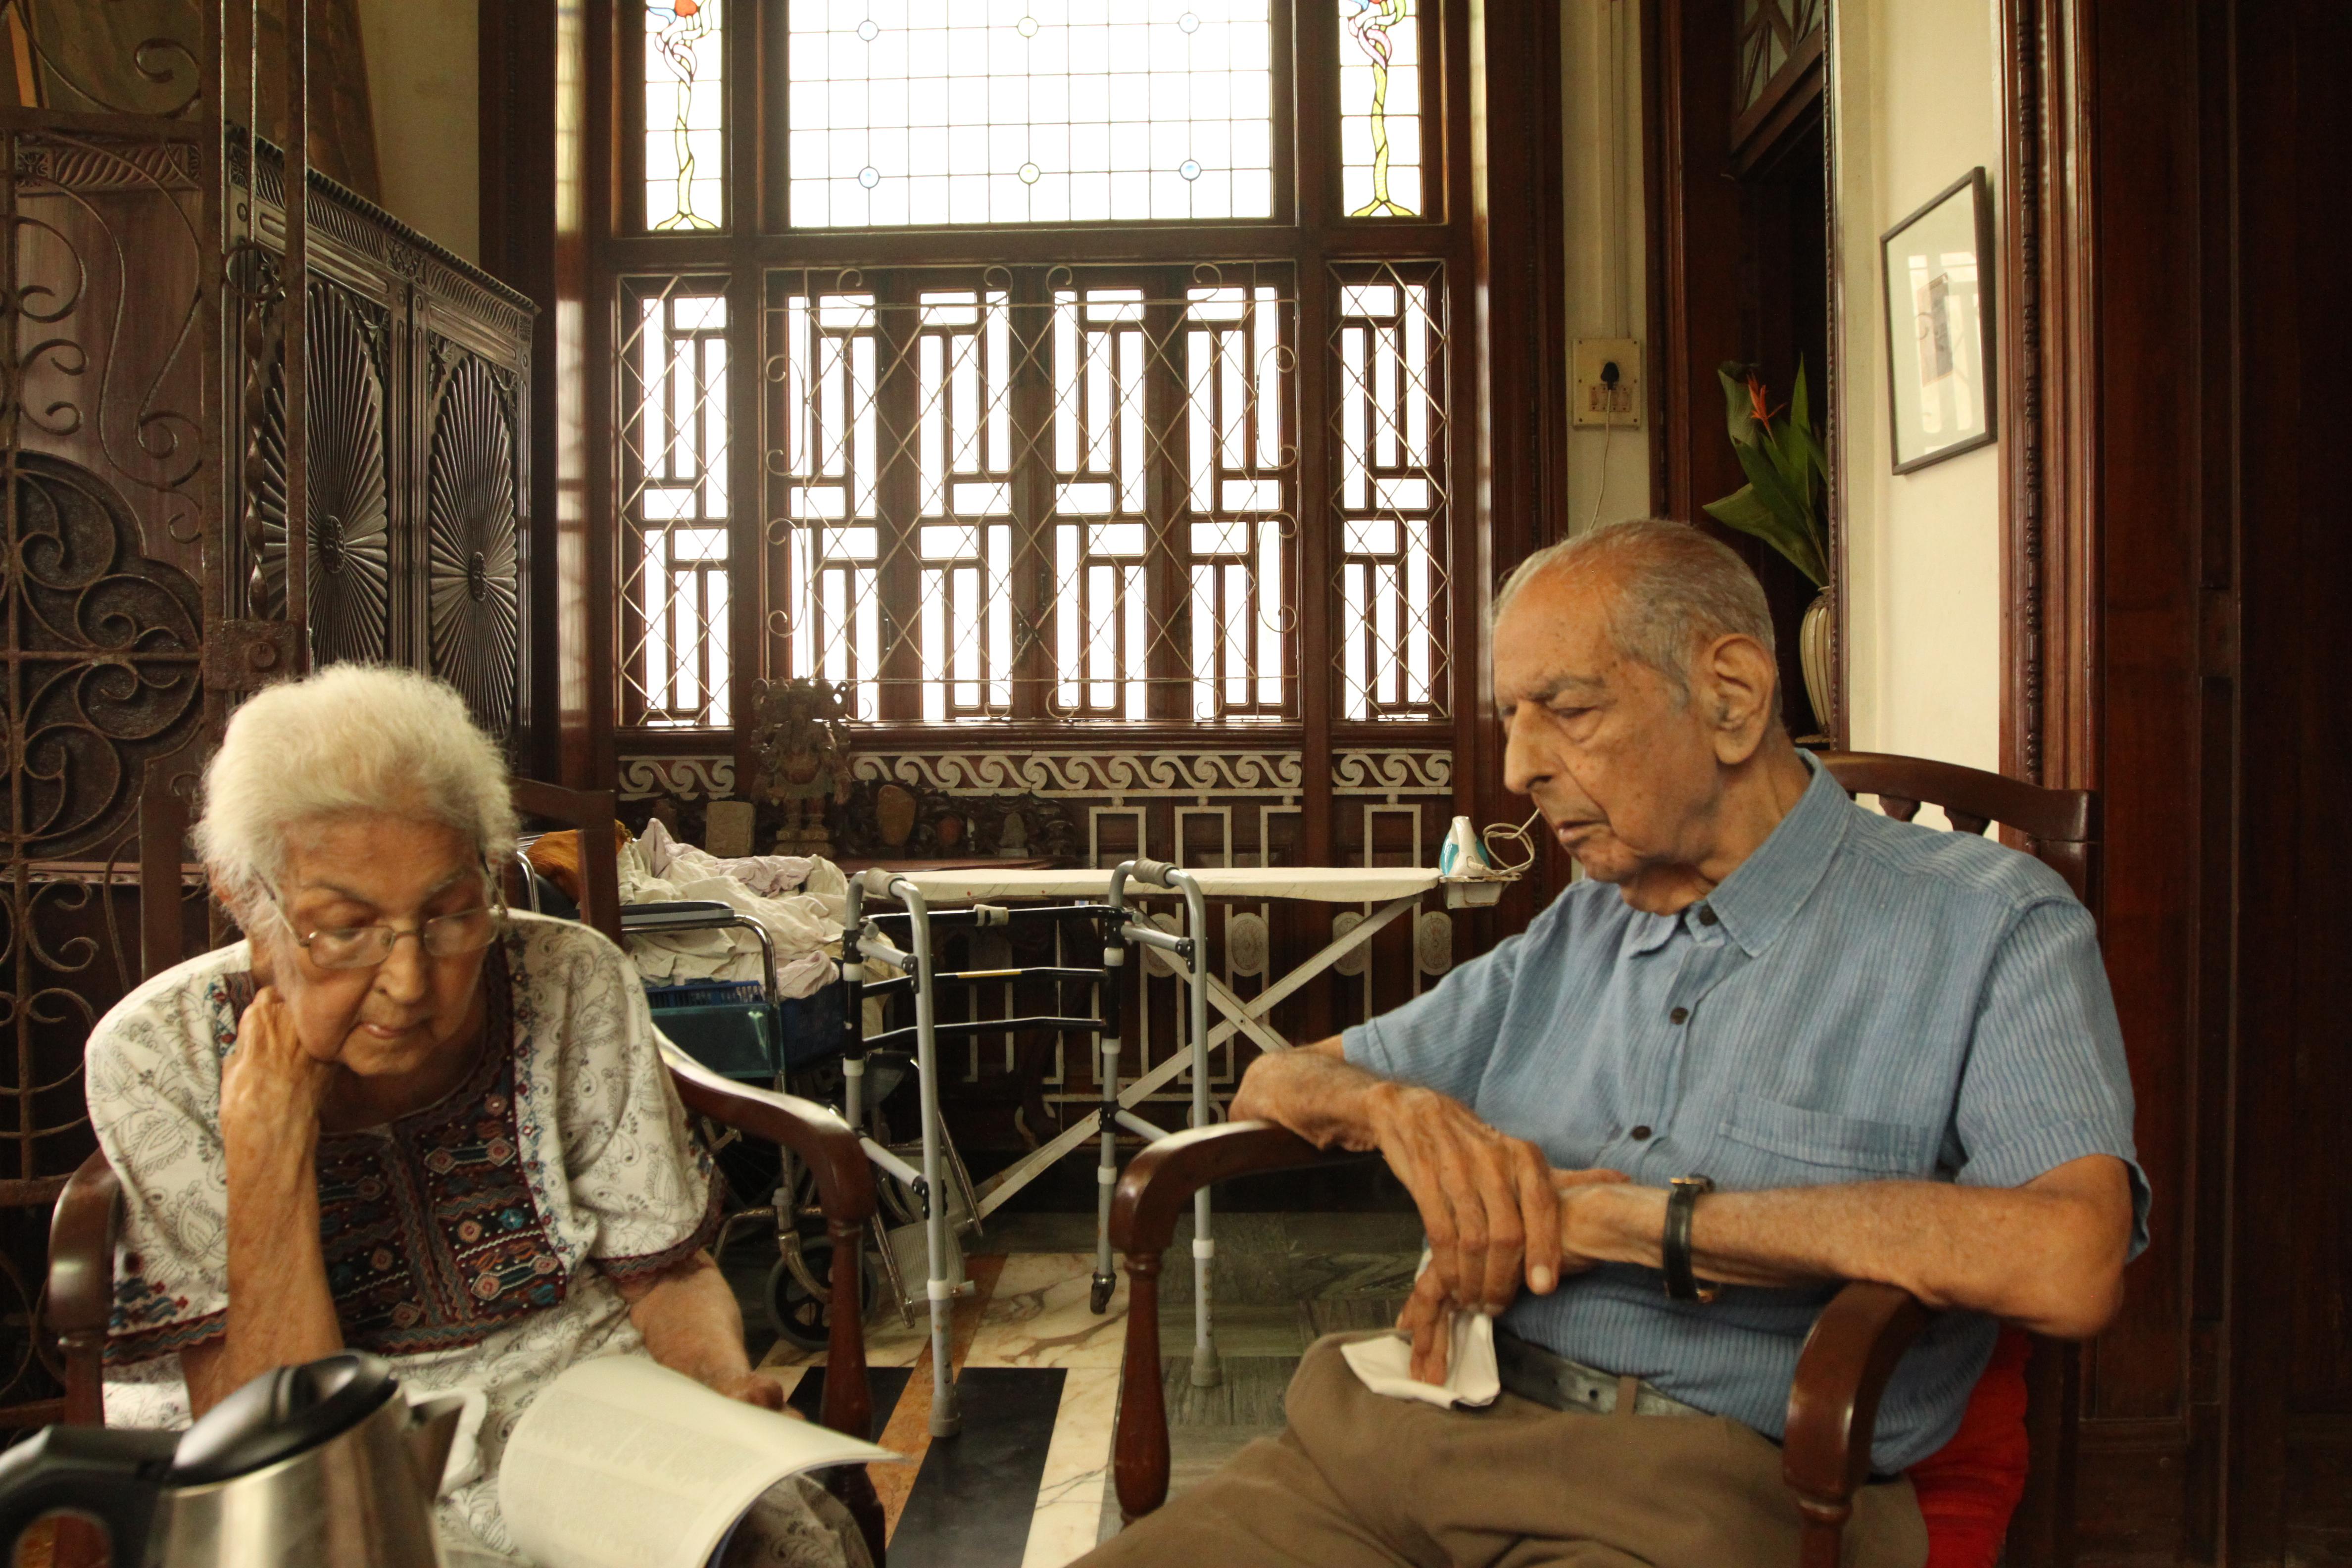 Kekkoo and Khorshed Gandhy